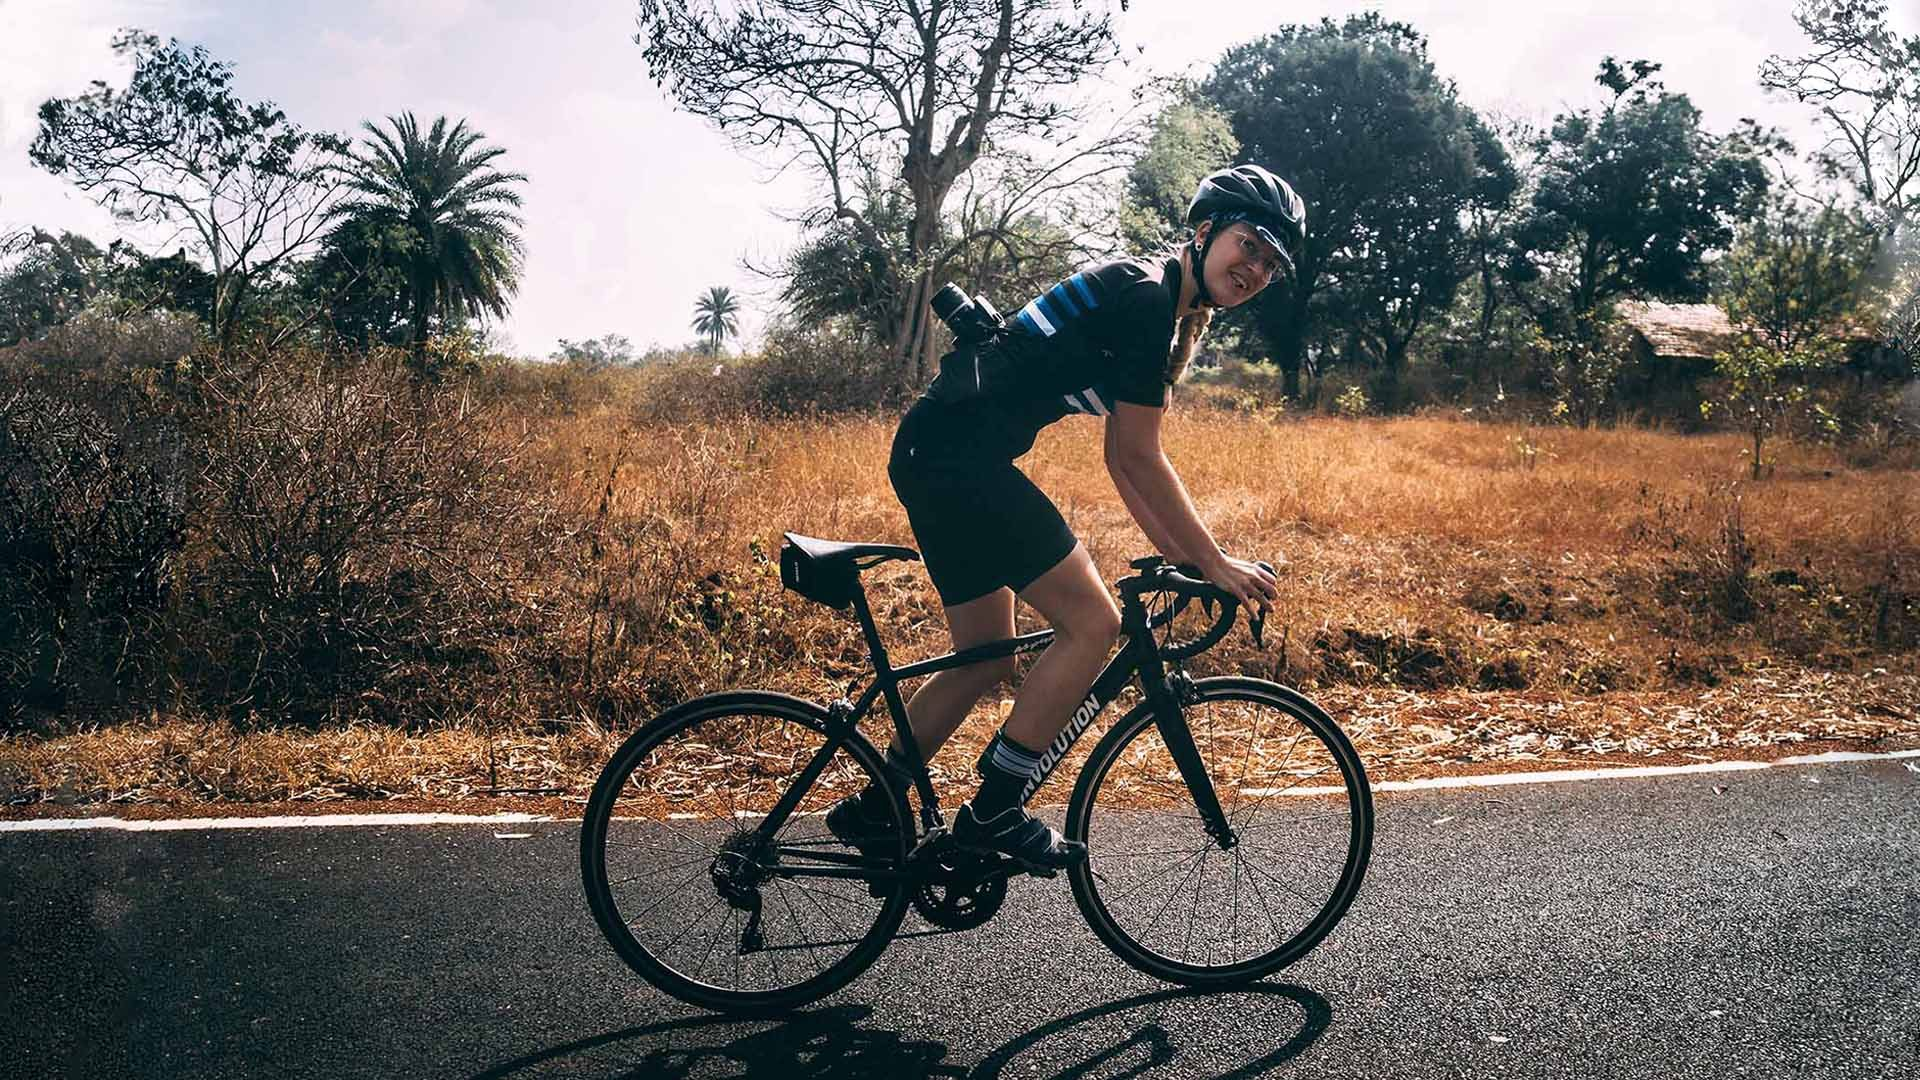 Stefanie Fritzen on the roadbike on the street